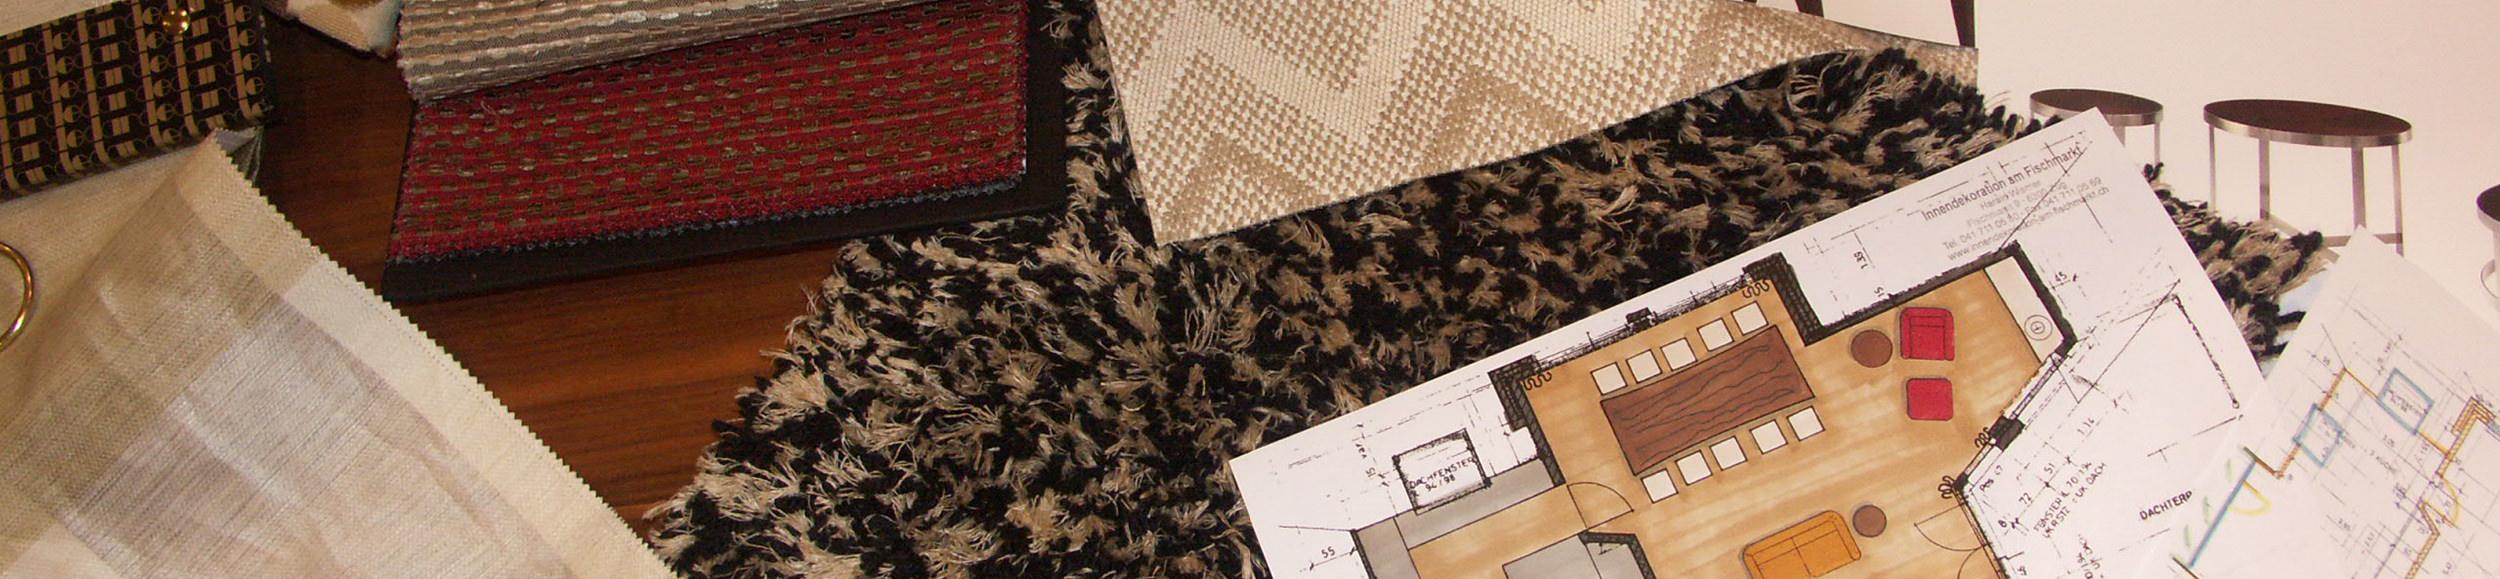 Innenarchitektur - Entstehen von individuellem Wohnraum ...